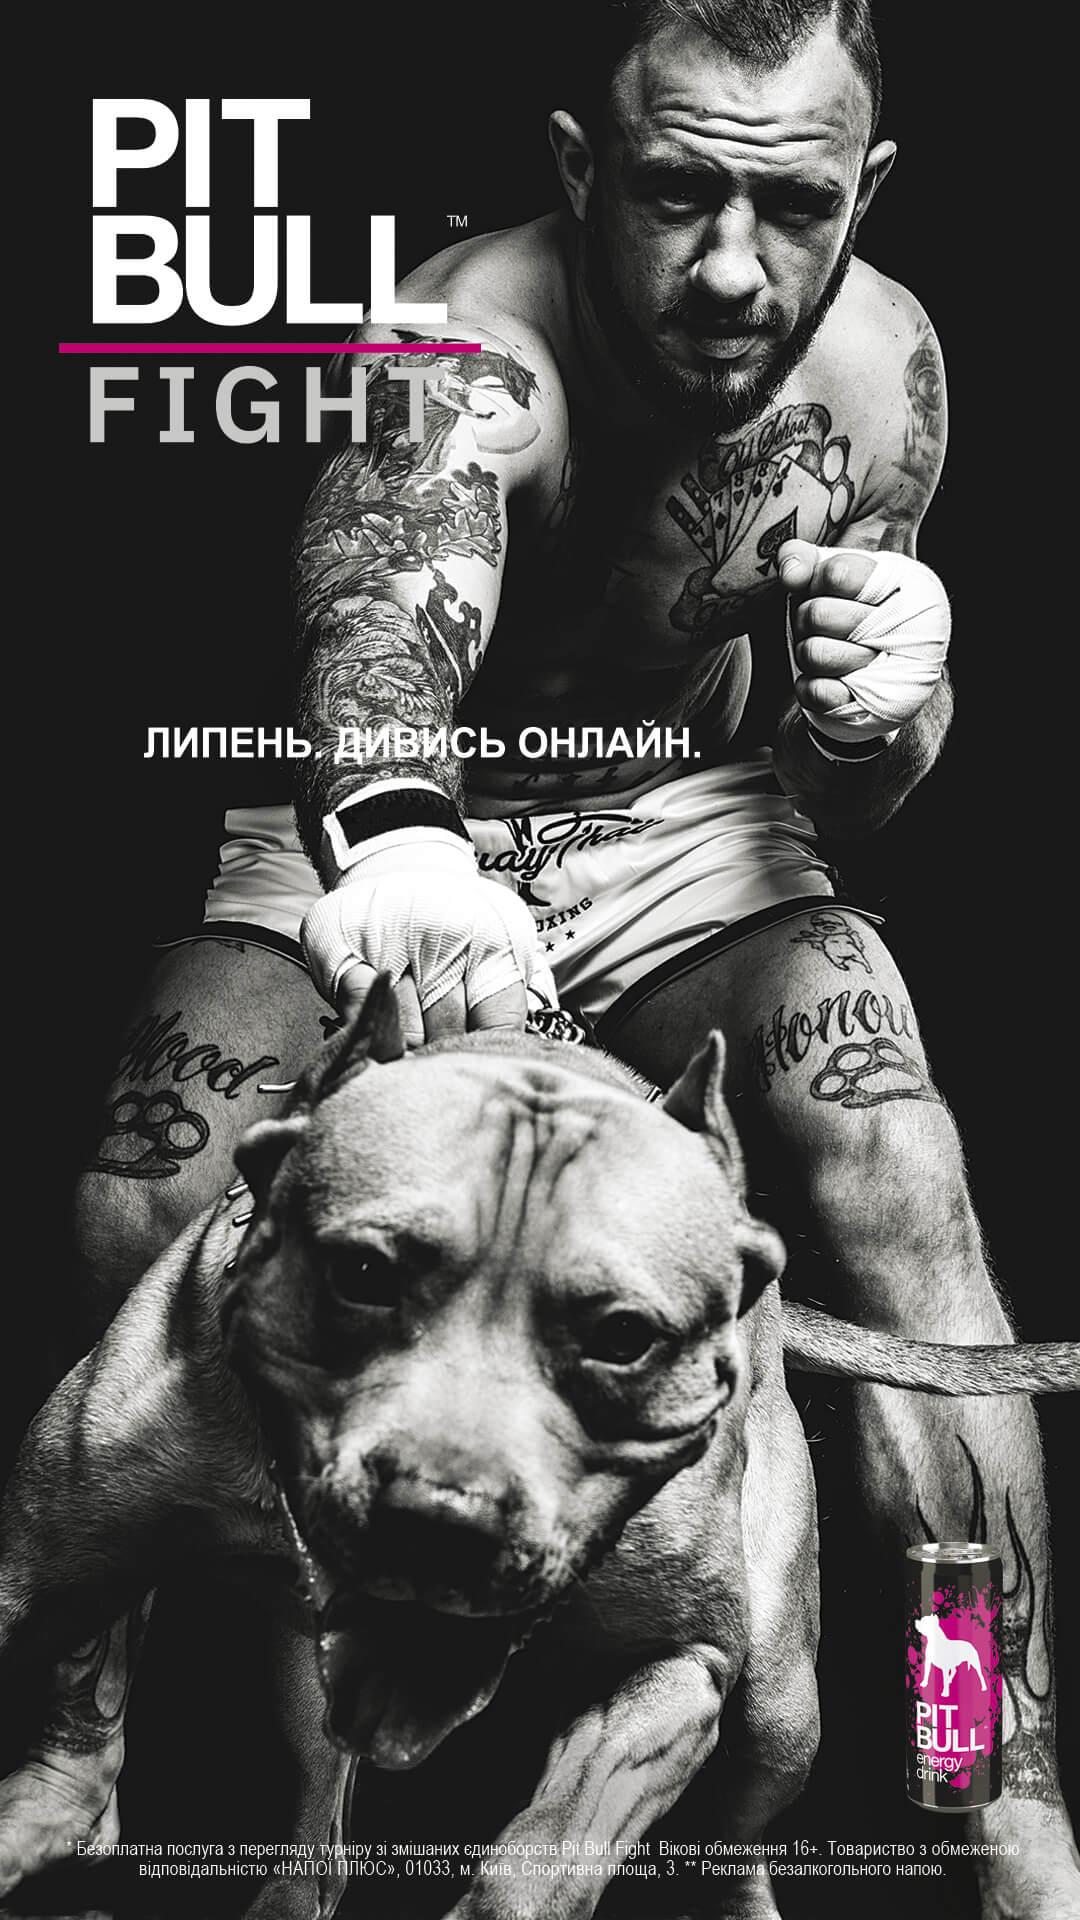 PitBull-DOG-1080x1920